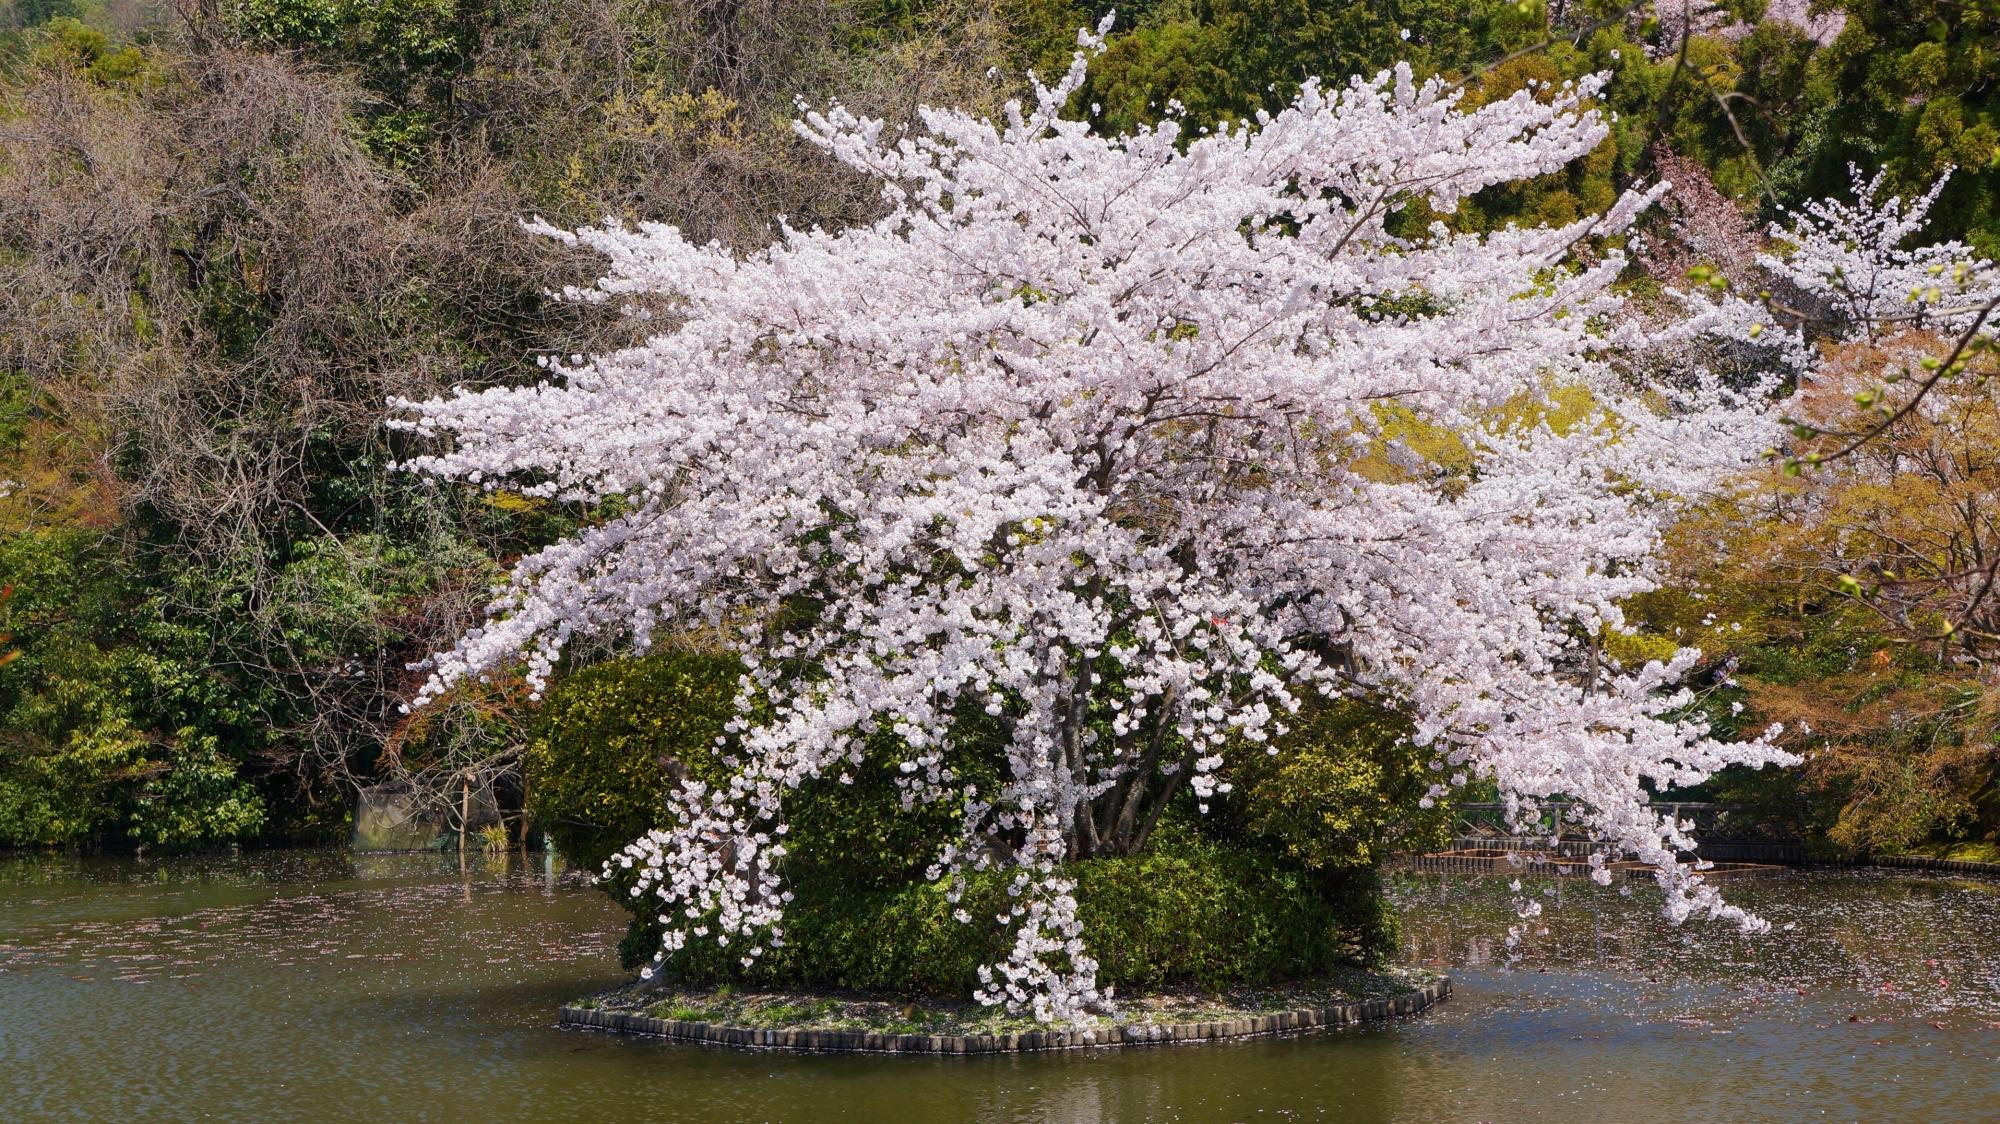 水辺を彩る鏡容池の満開の桜